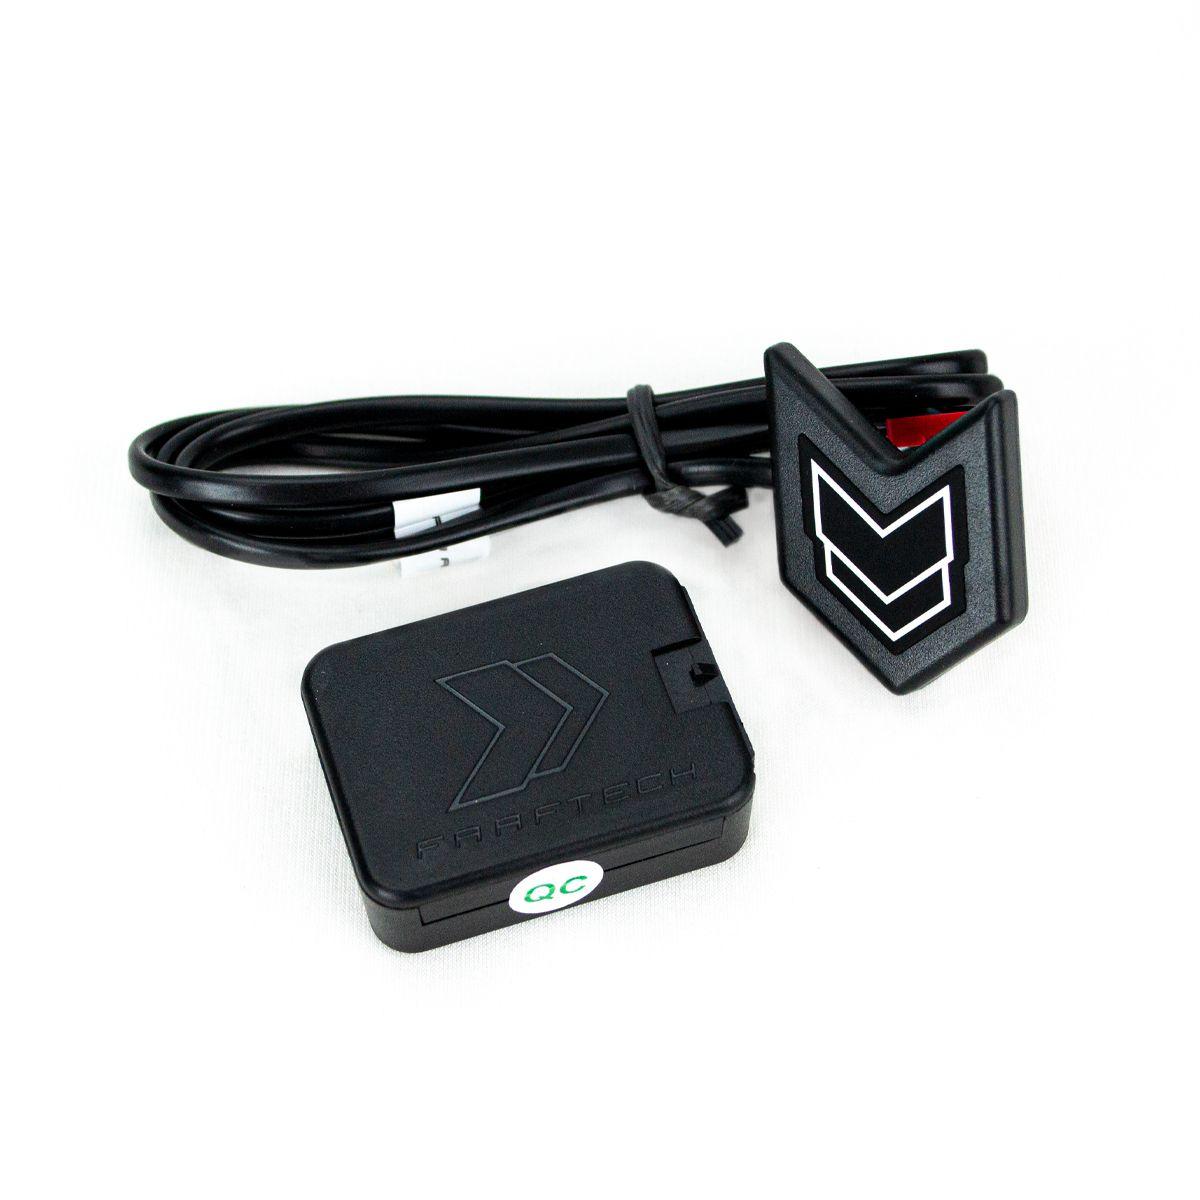 Chip de Pedal Shiftpower Para Fiat Bravo